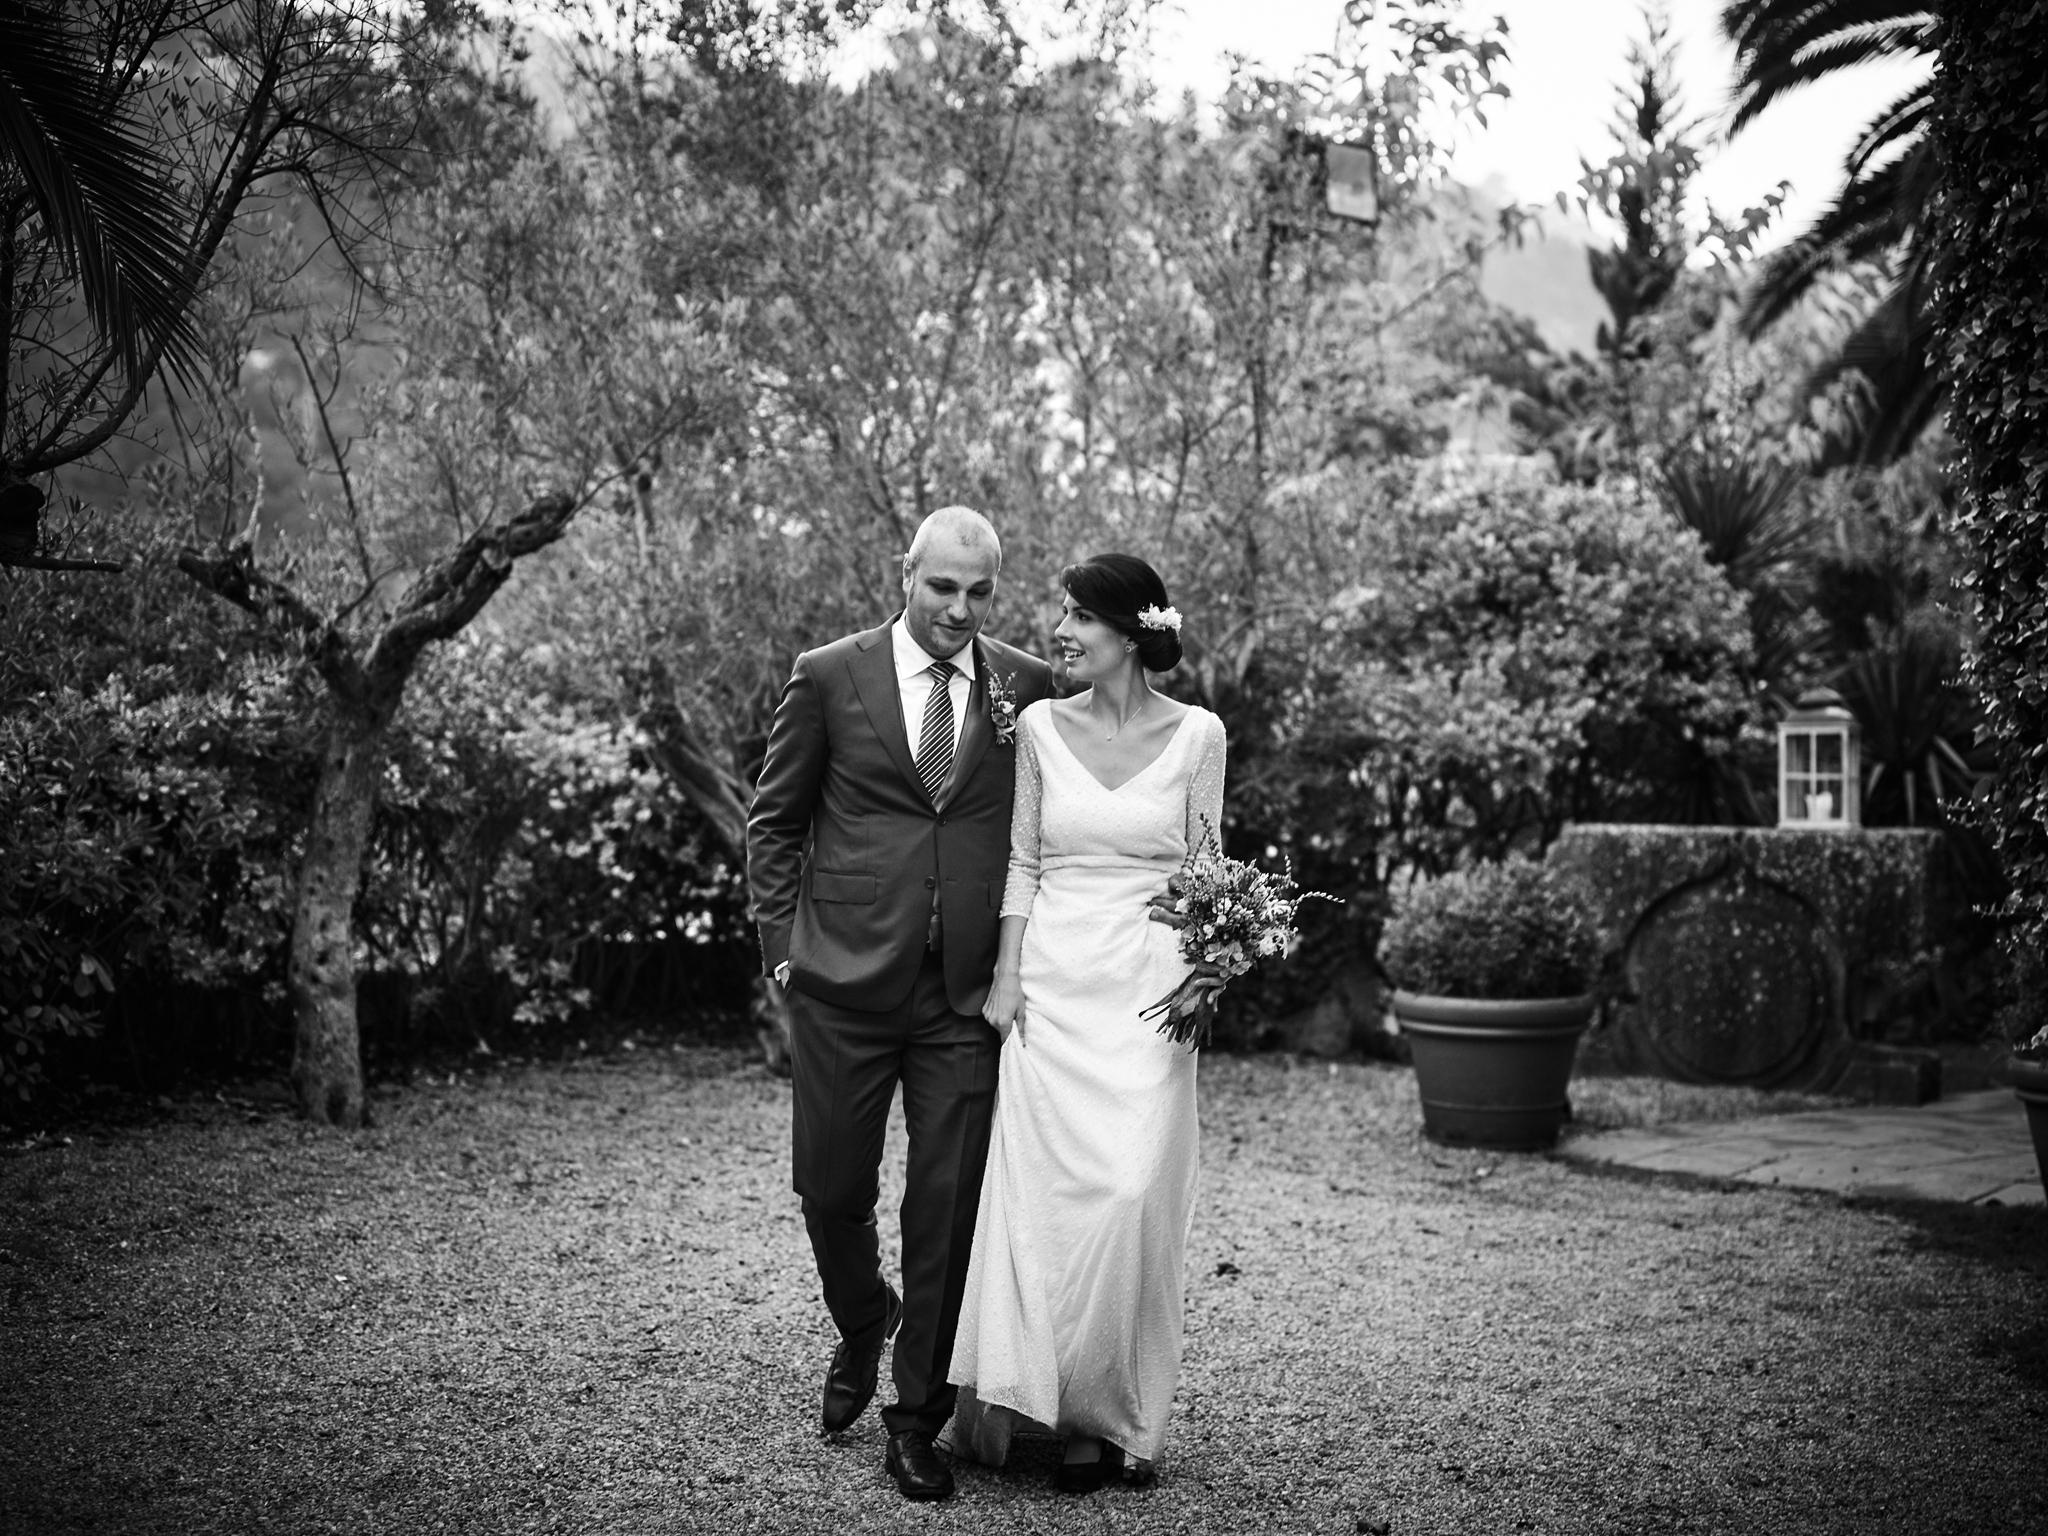 fotografia-boda-barcelona33.jpg